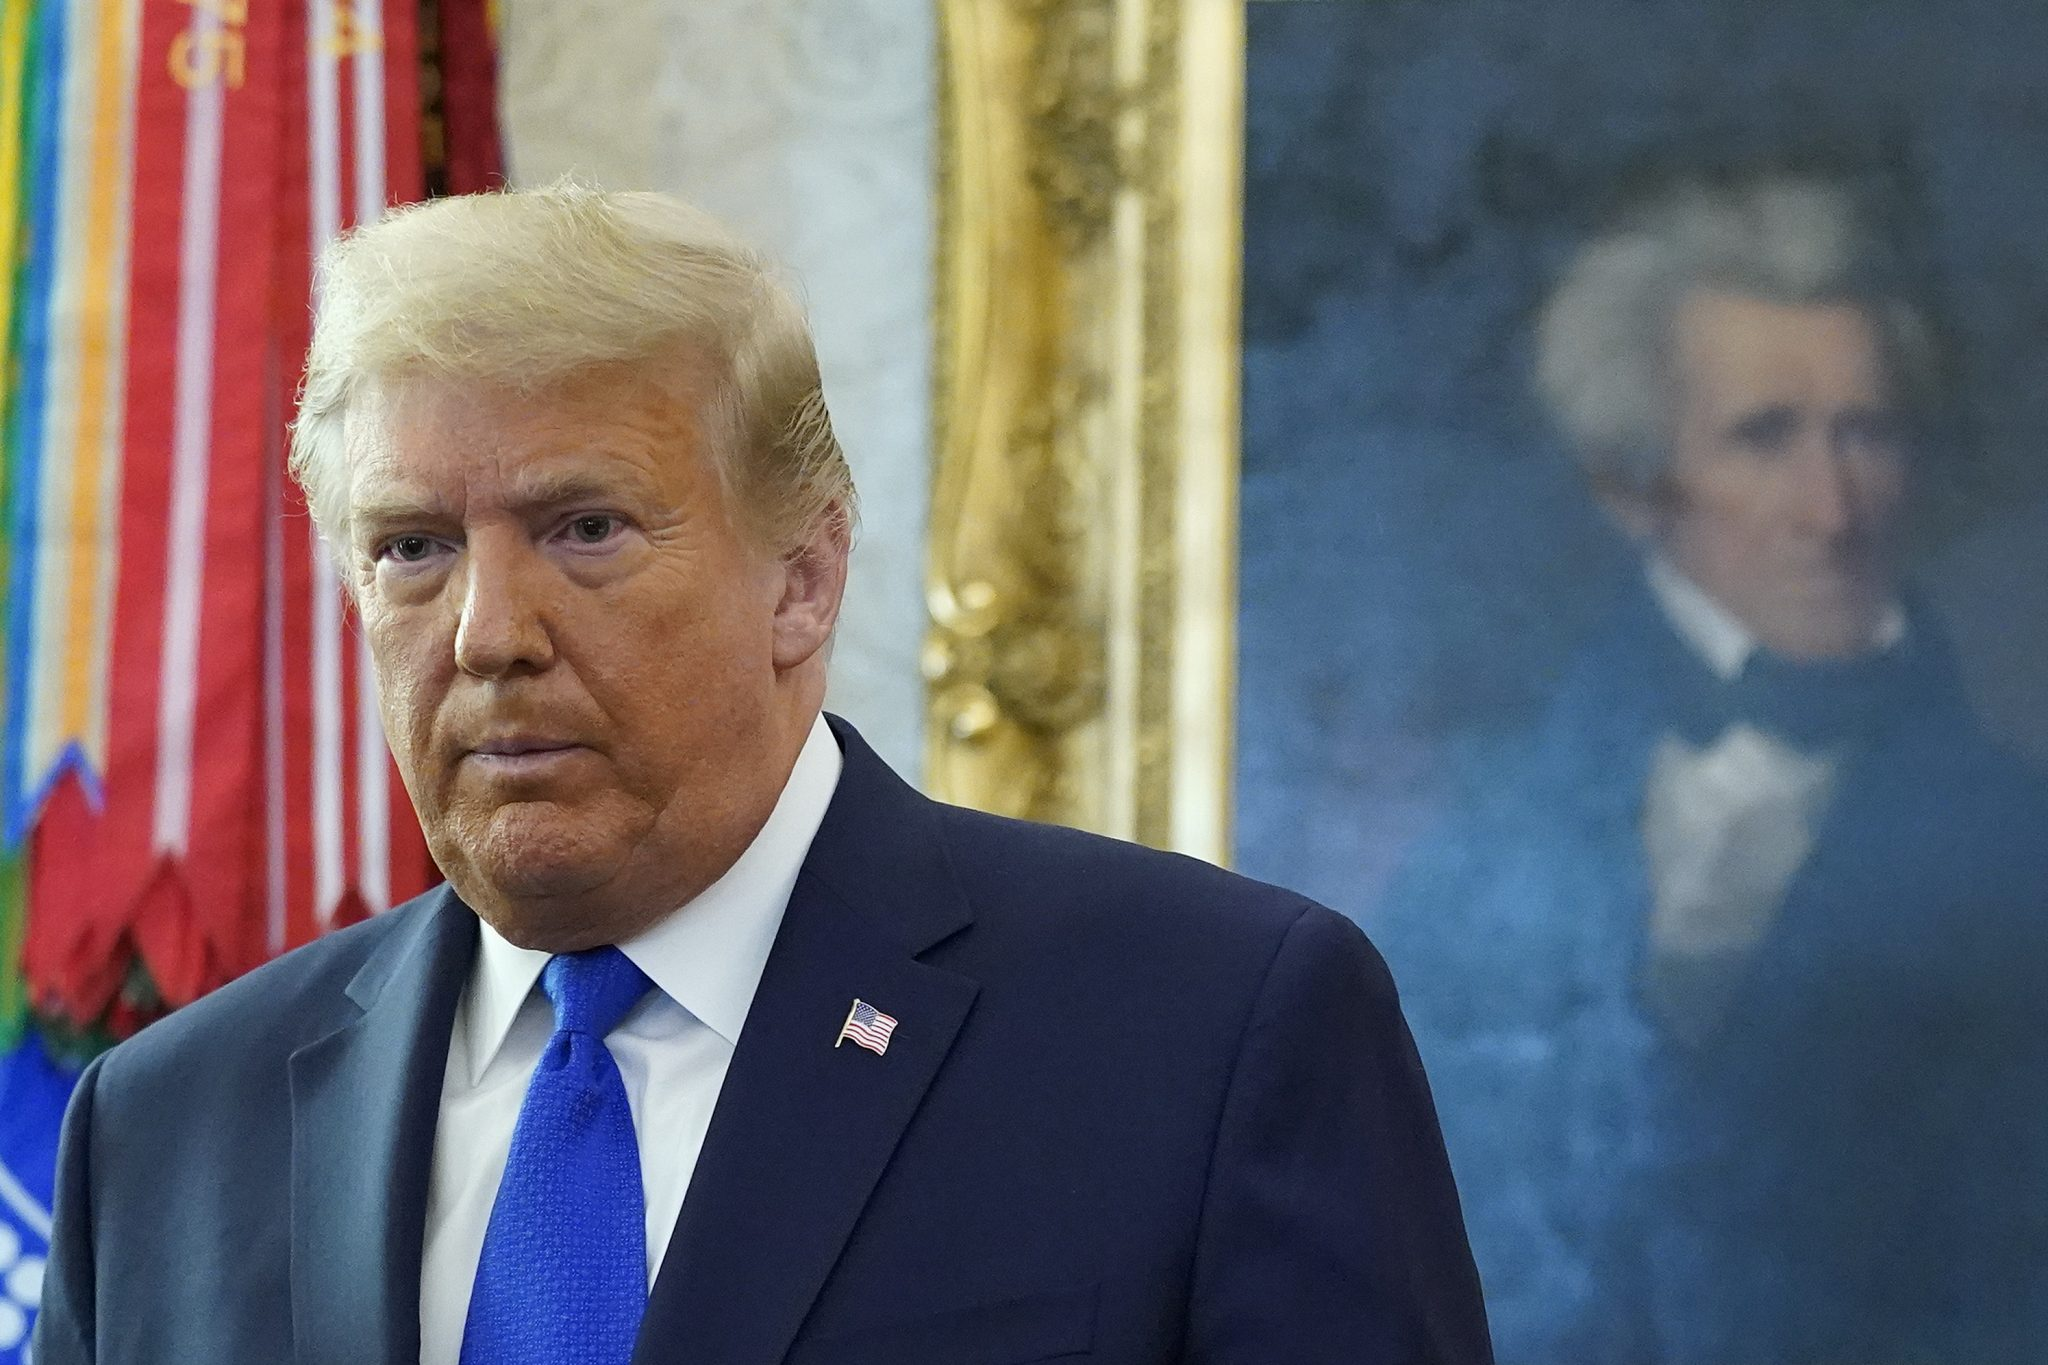 Der scheidende US-Präsident Donald Trump im Weißen Haus